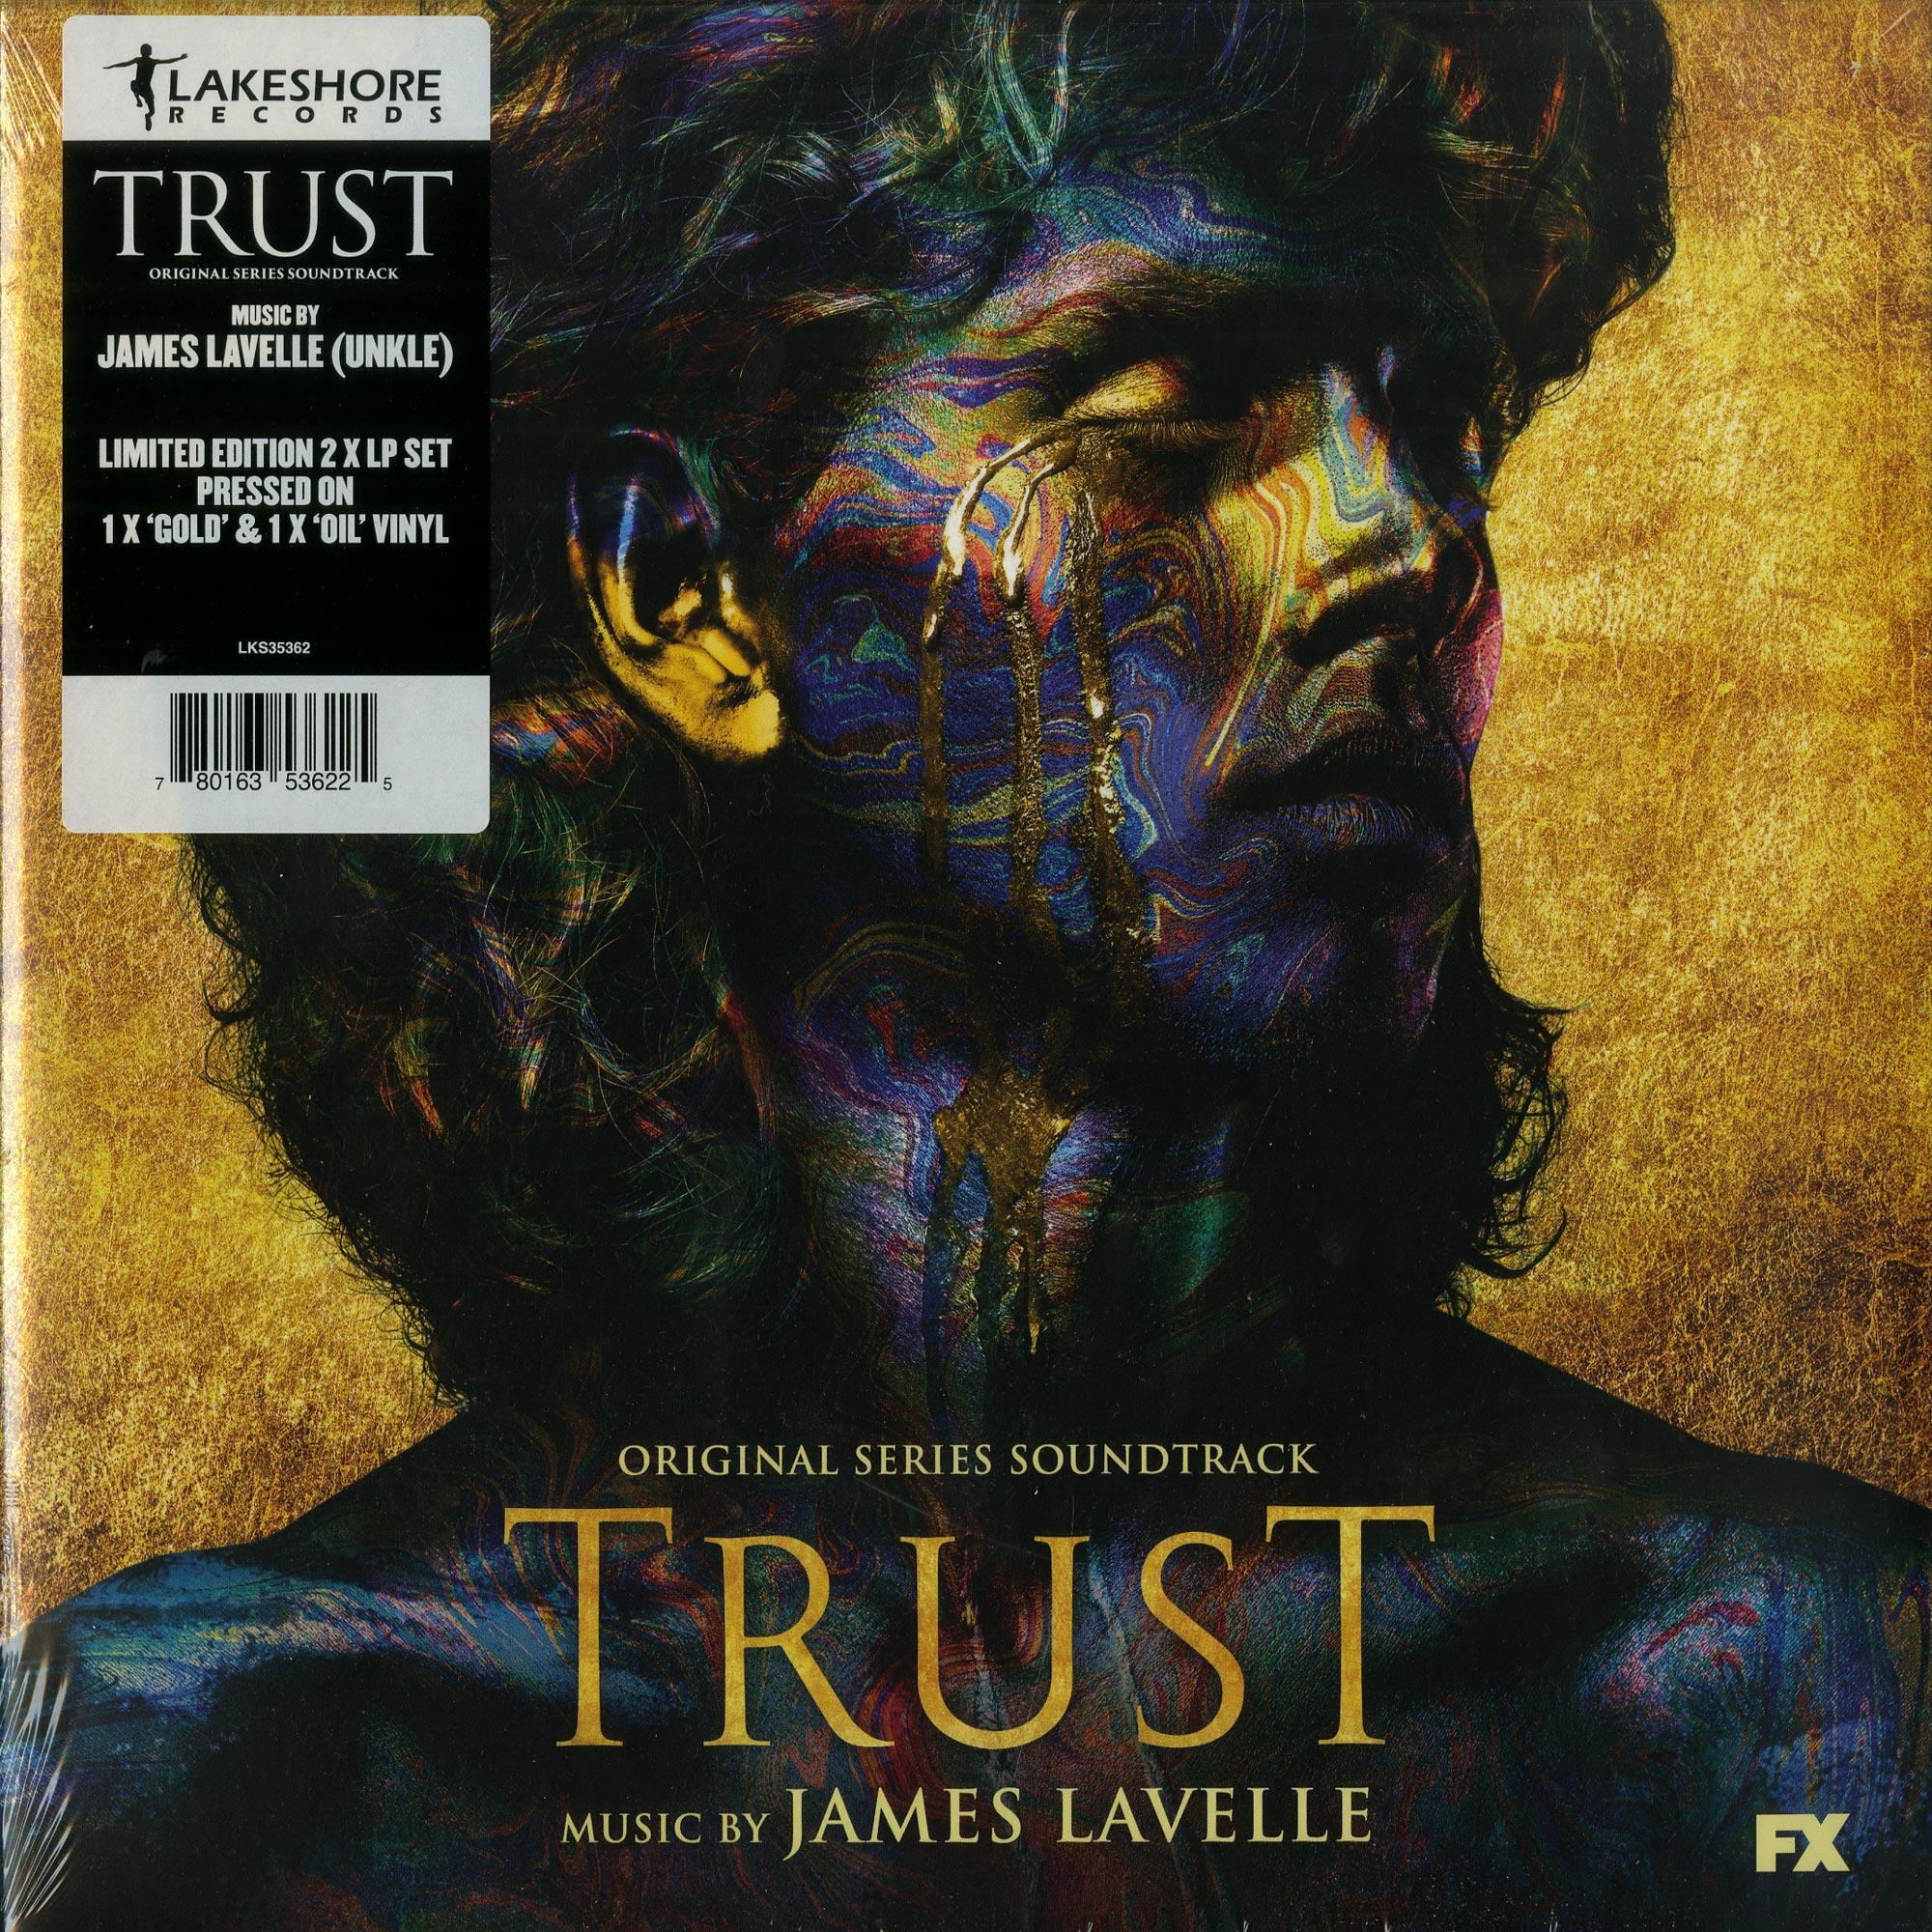 James Lavelle - TRUST